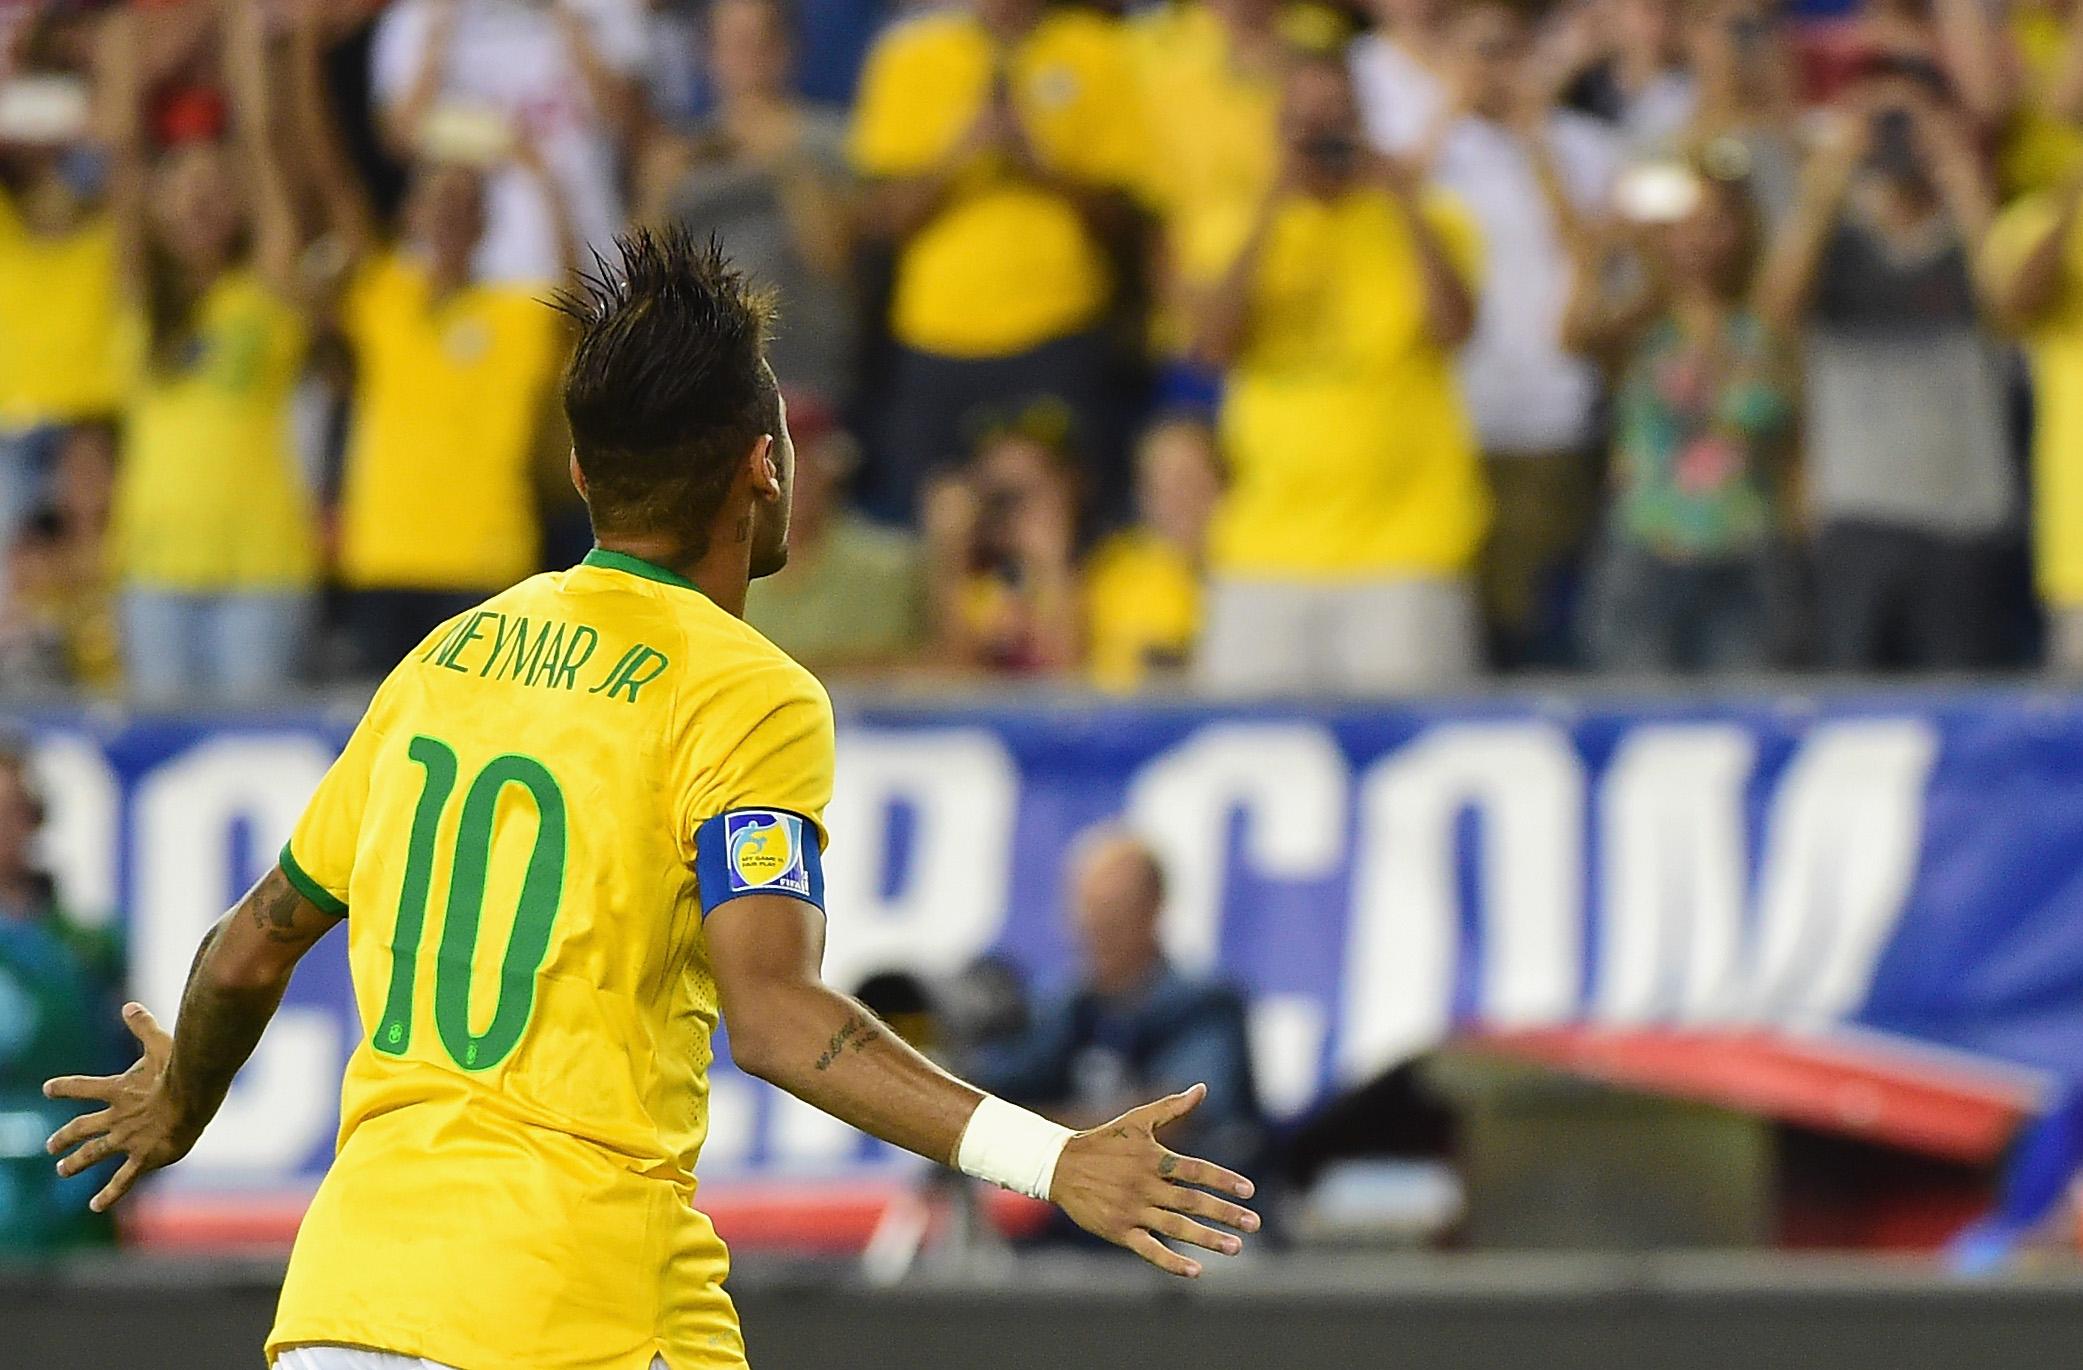 Il bomber più patriottico? E' Neymar. E Kane si mette dietro Messi e CR7